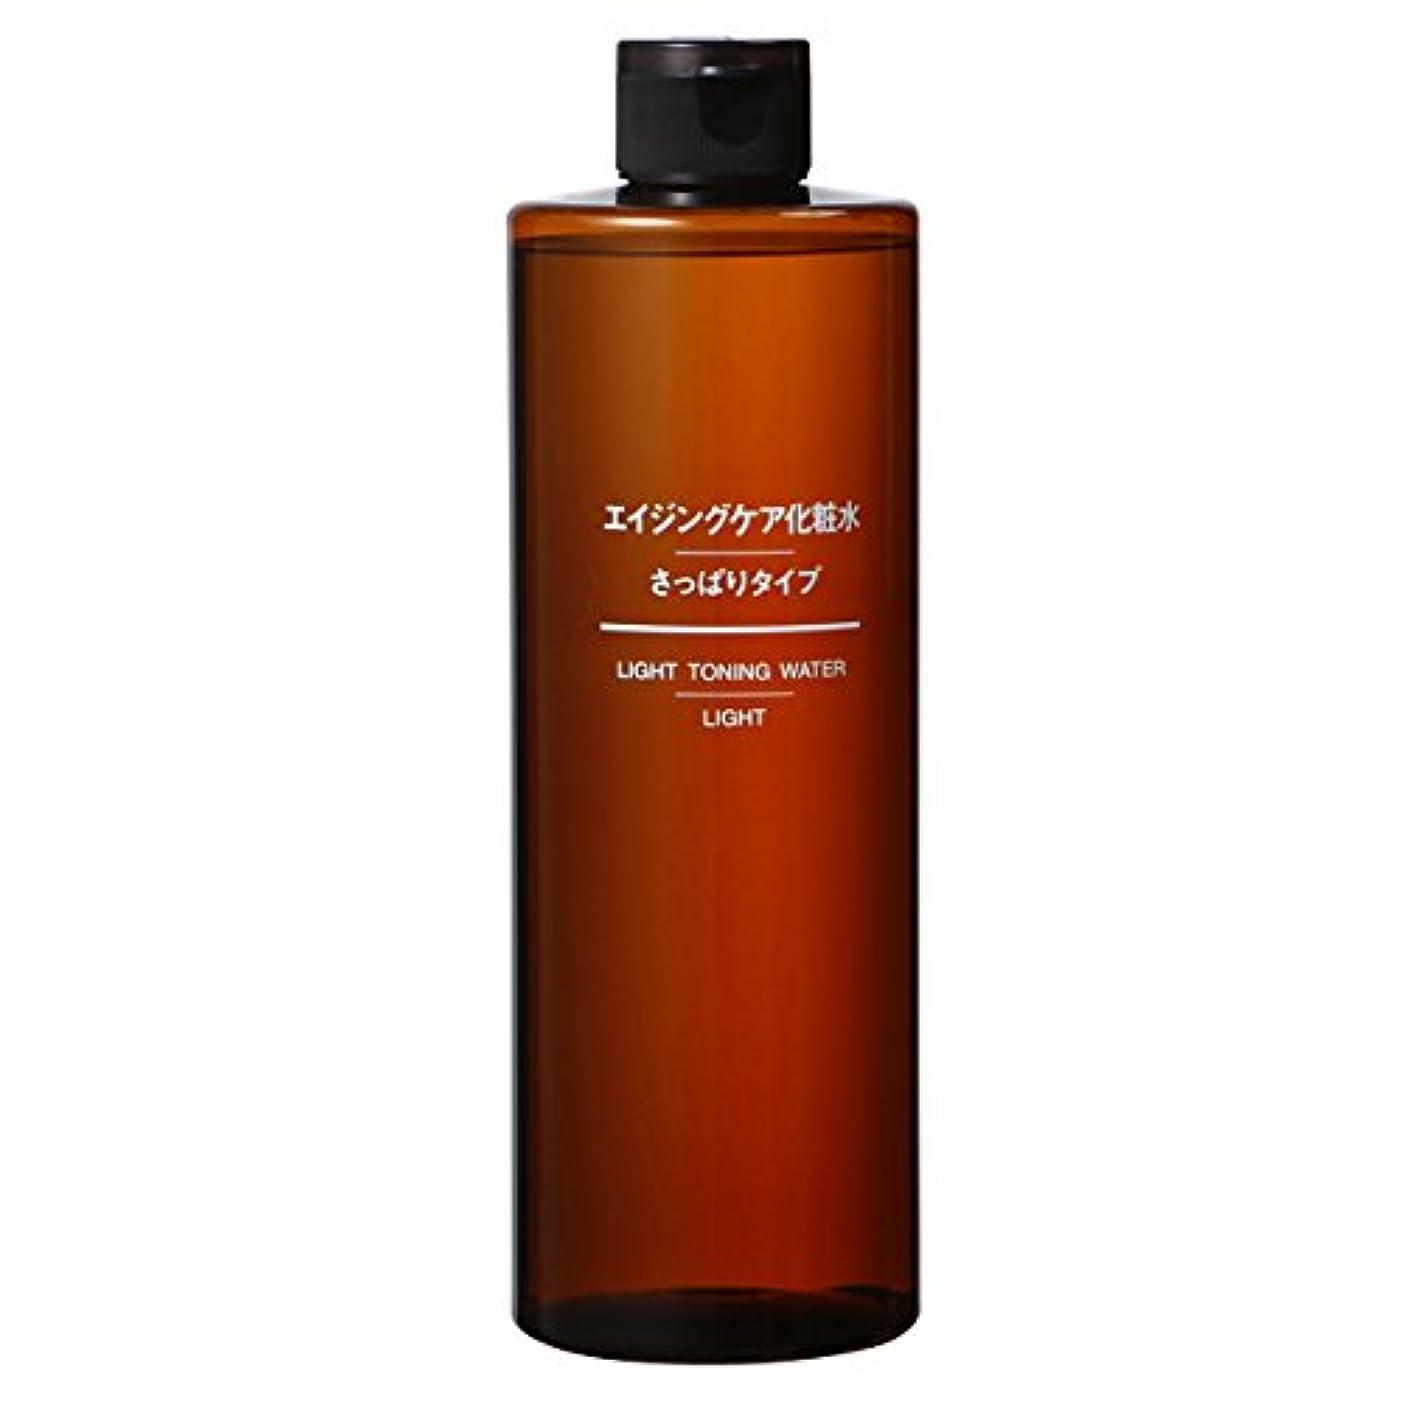 有効覚醒コンデンサー無印良品 エイジングケア化粧水?さっぱりタイプ(大容量) 400ml